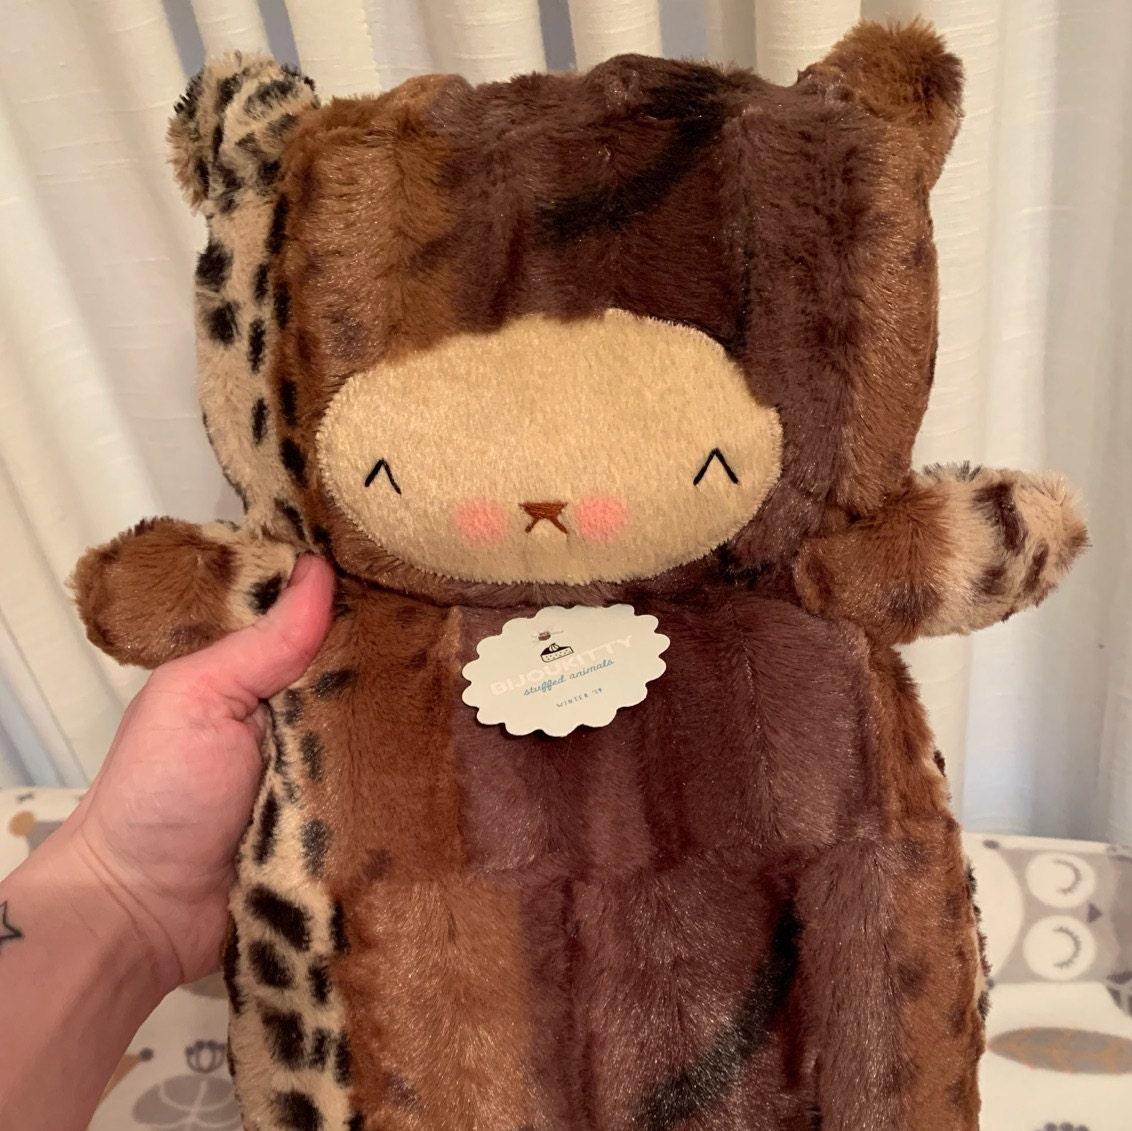 Katie Fleckenstein added a photo of their purchase